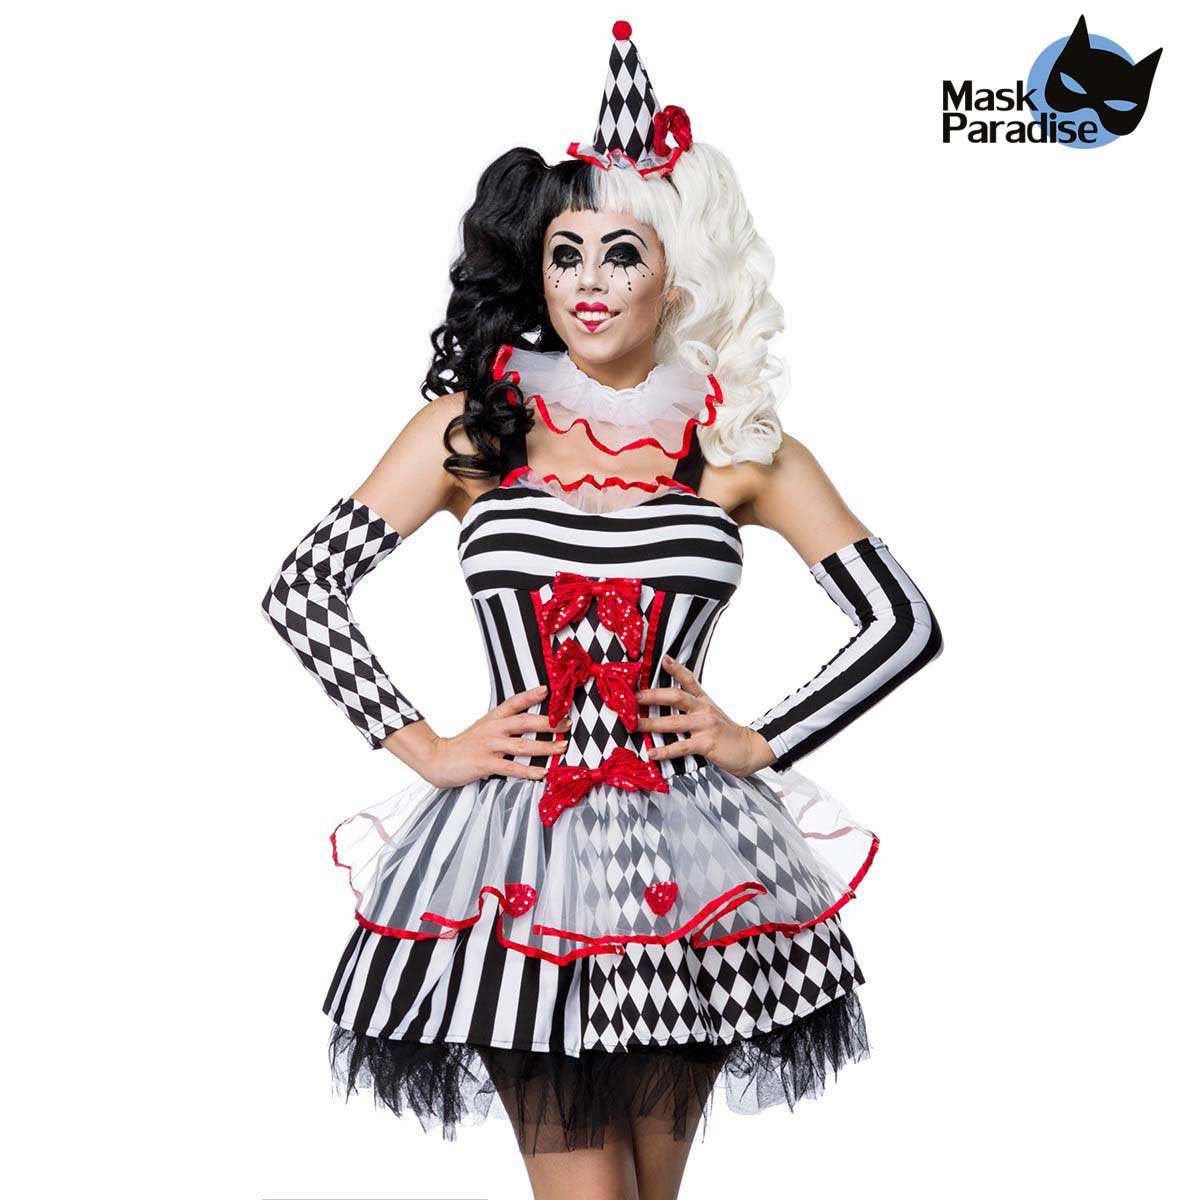 halloween kostum harlekin girl mit hut und armstulpen 3408 vm56 fw3 213 600x600 2x